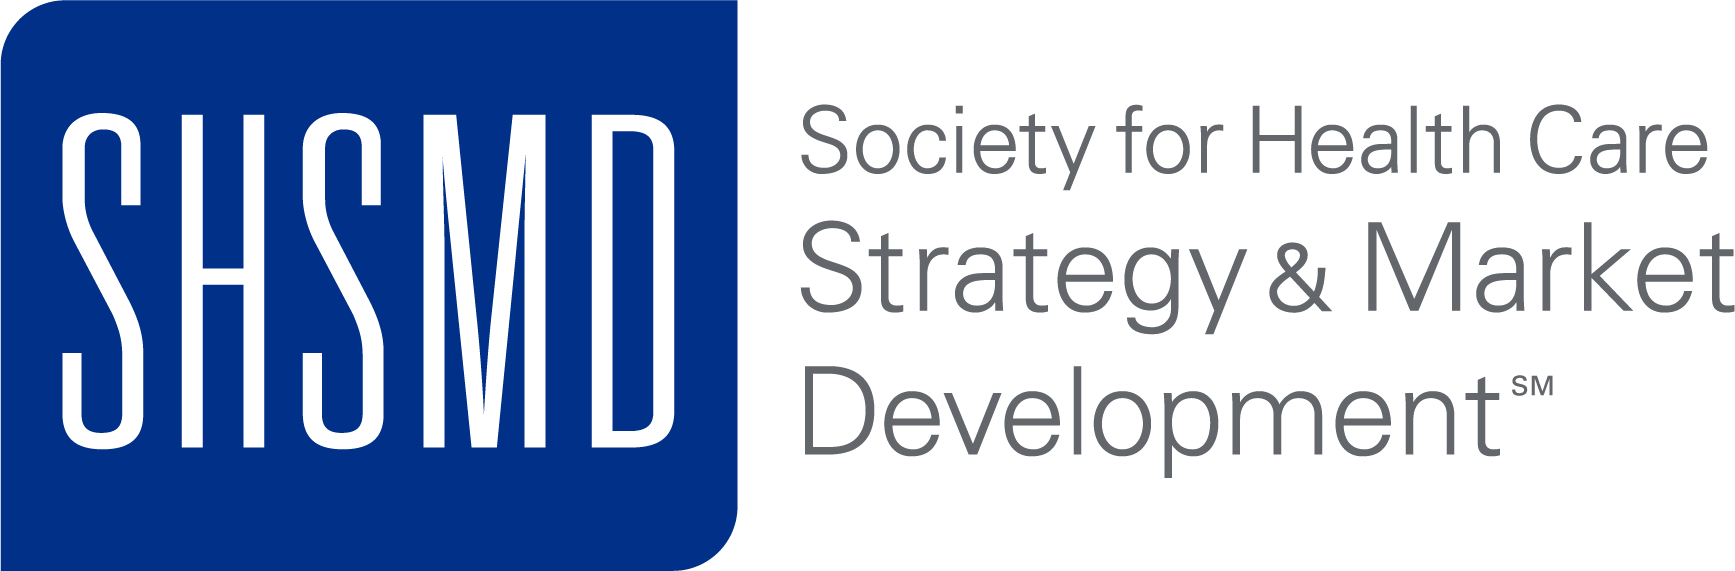 shsnd site header logo